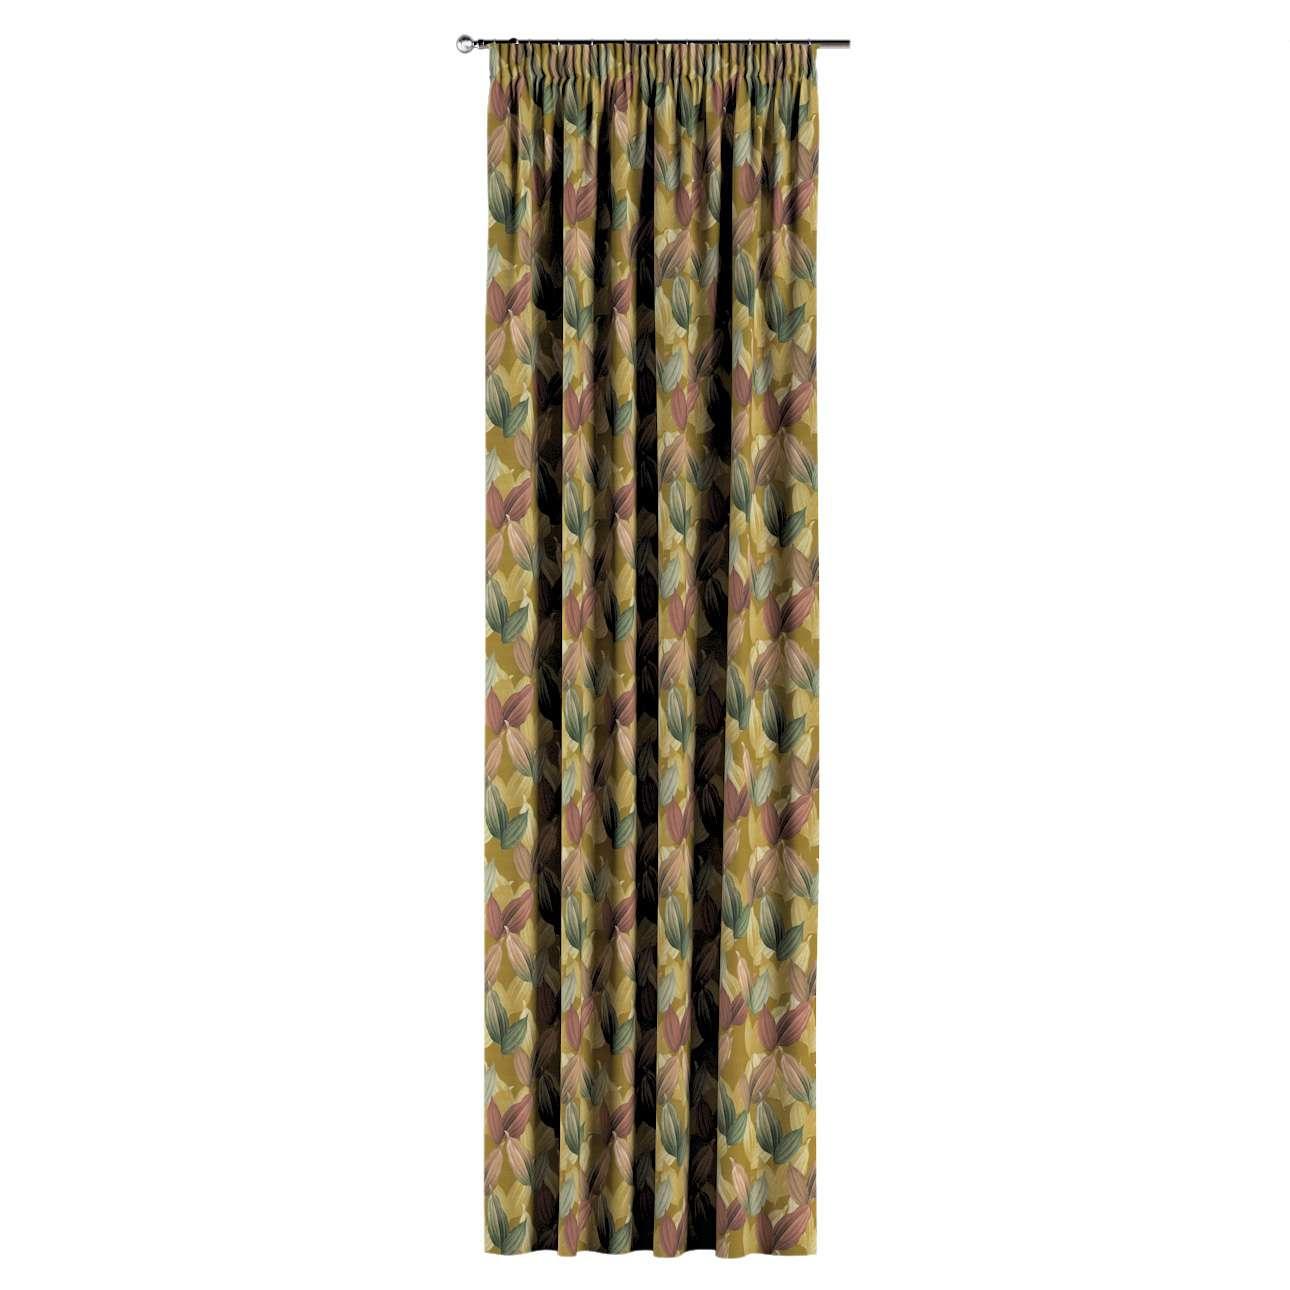 Záves na riasiacej páske V kolekcii Abigail, tkanina: 143-22